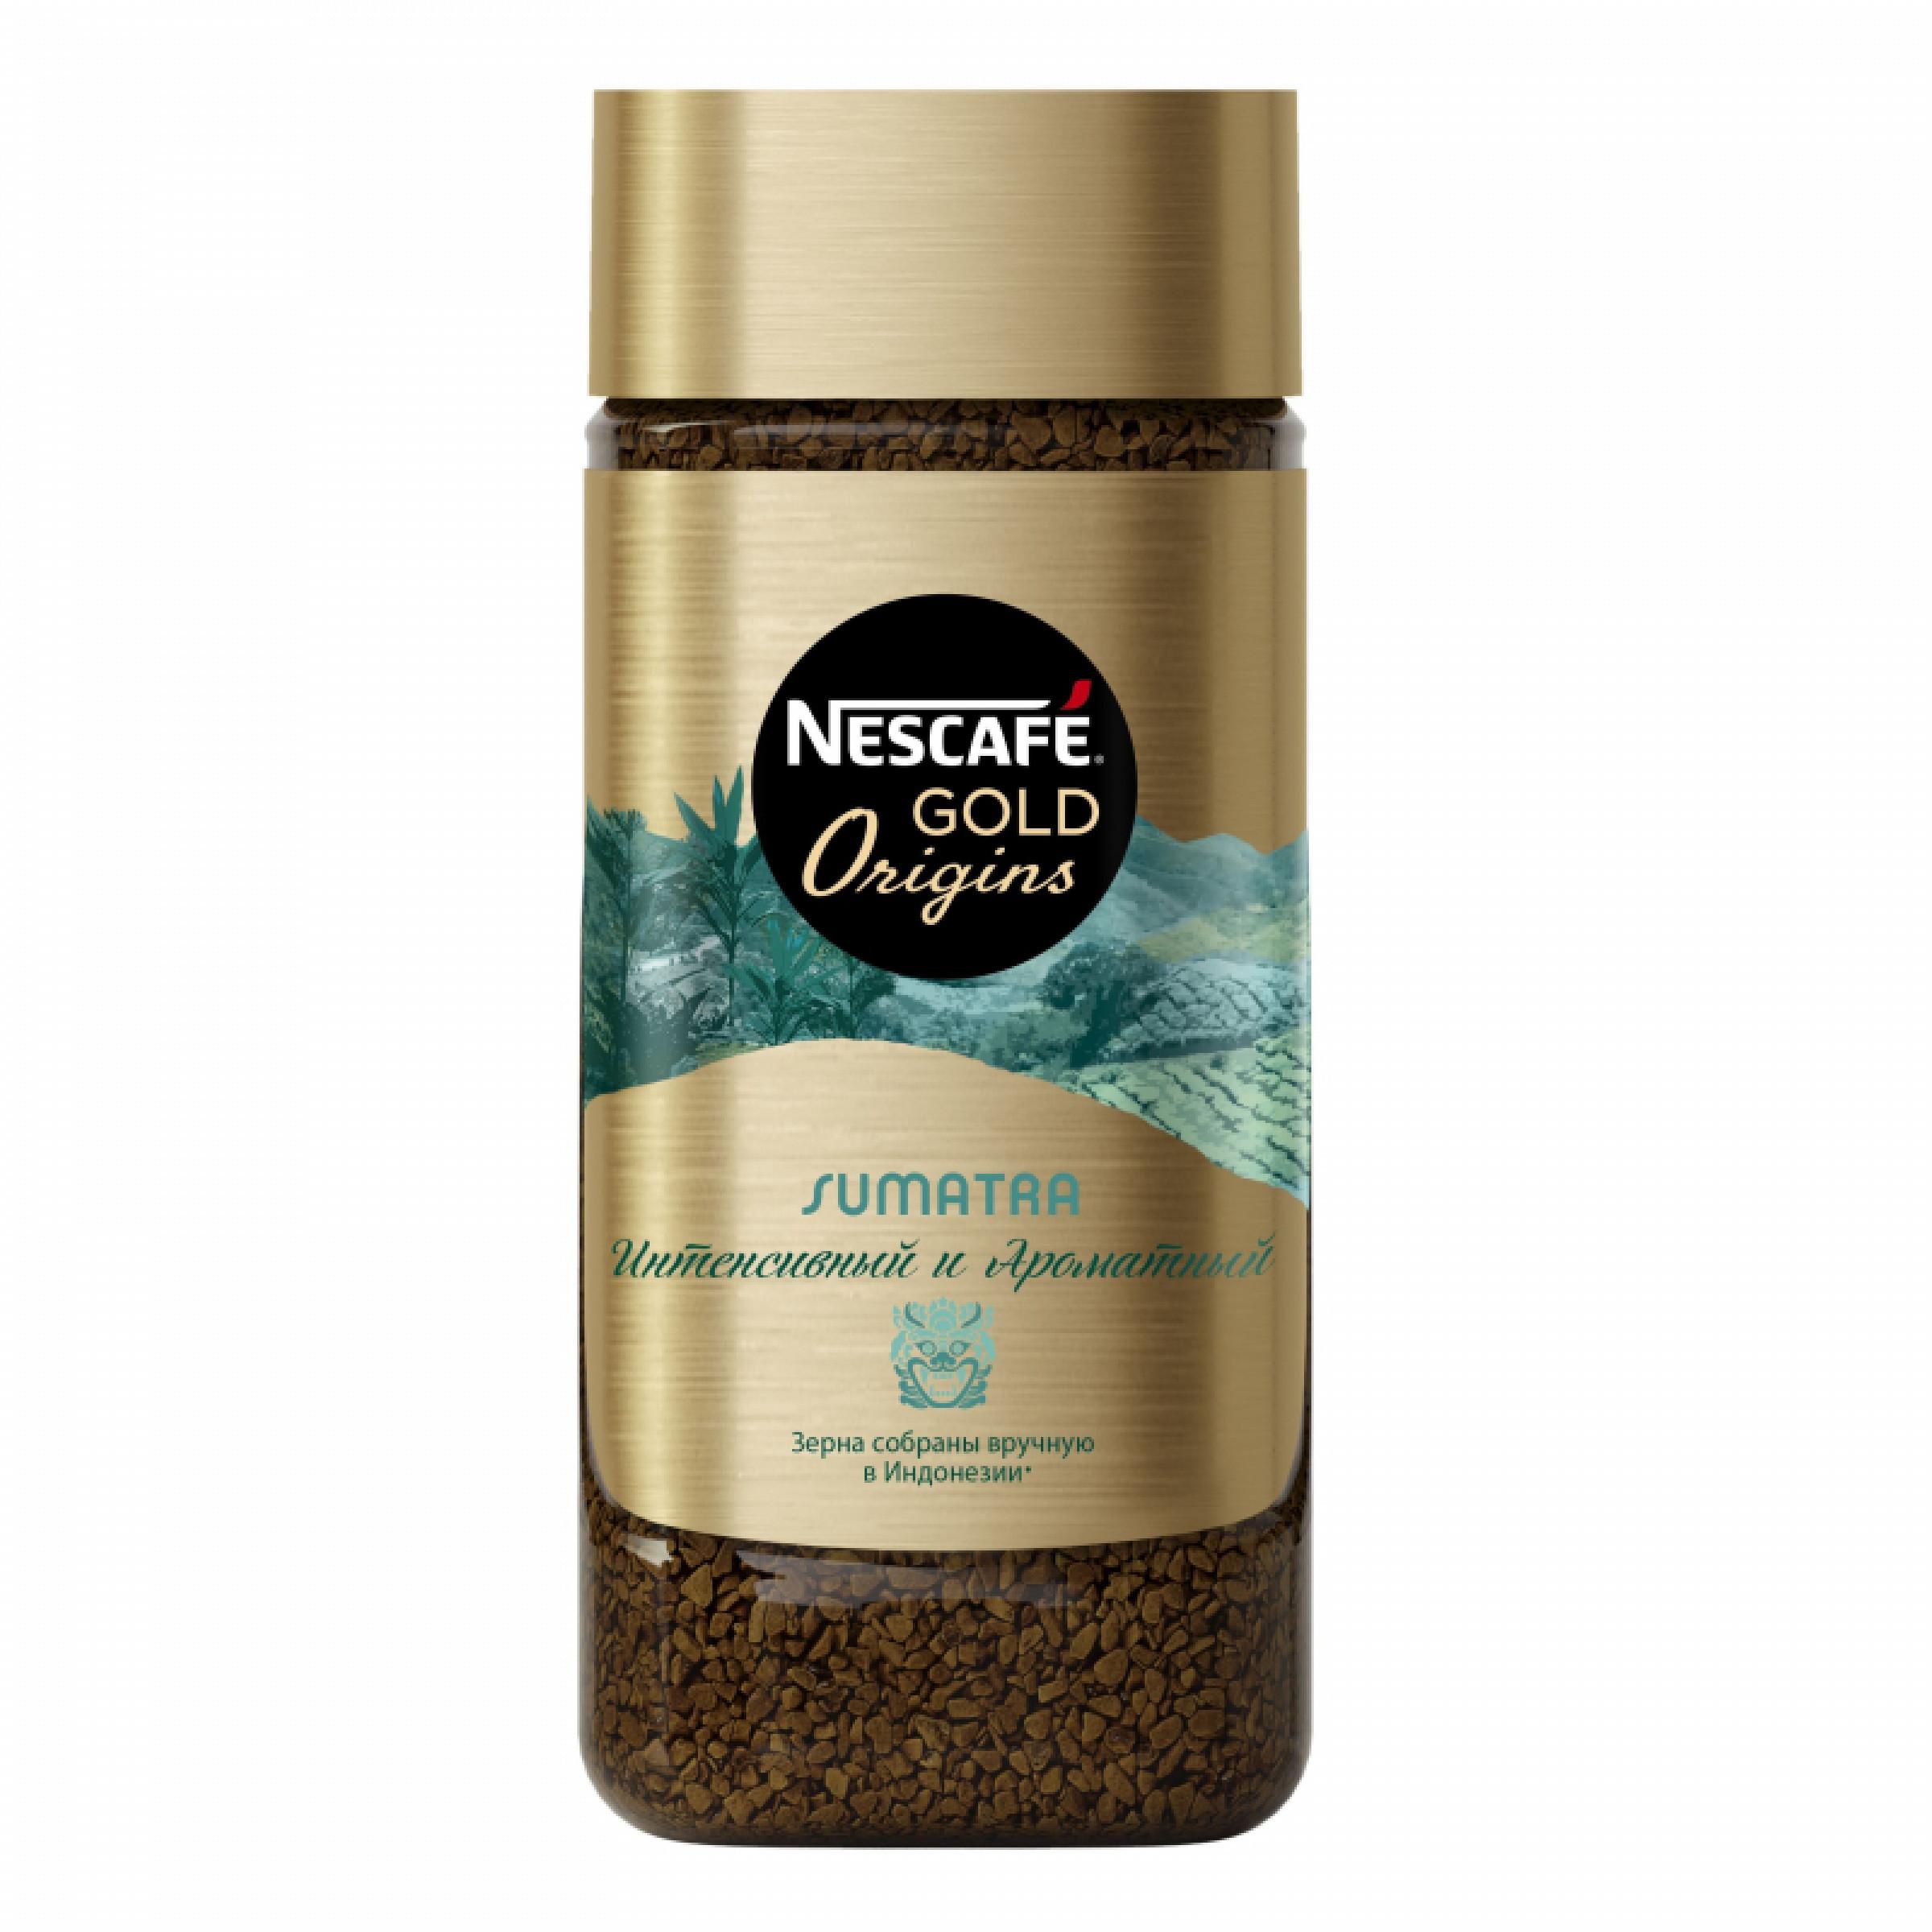 Кофе растворимый Nescafe Gold Origins Sumatra, 85 г